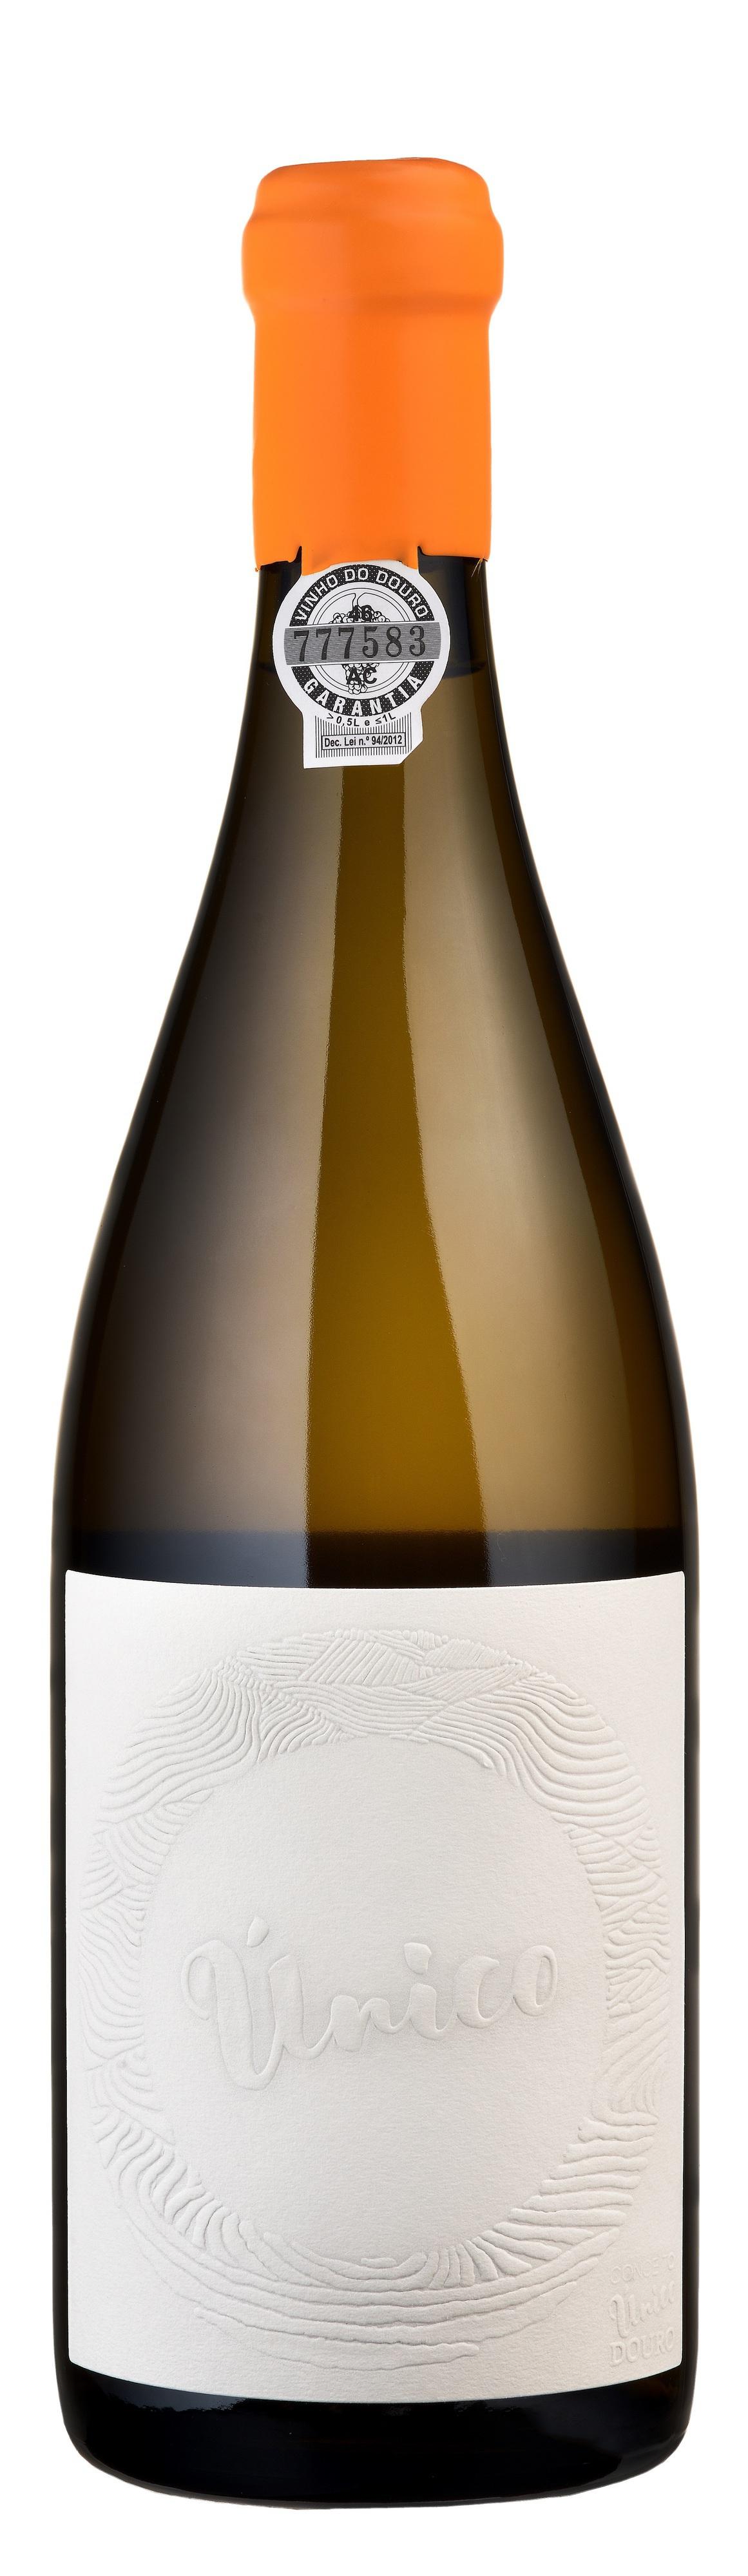 """Portugal vai ver apenas 500 garrafas deste vinho """"Único"""""""